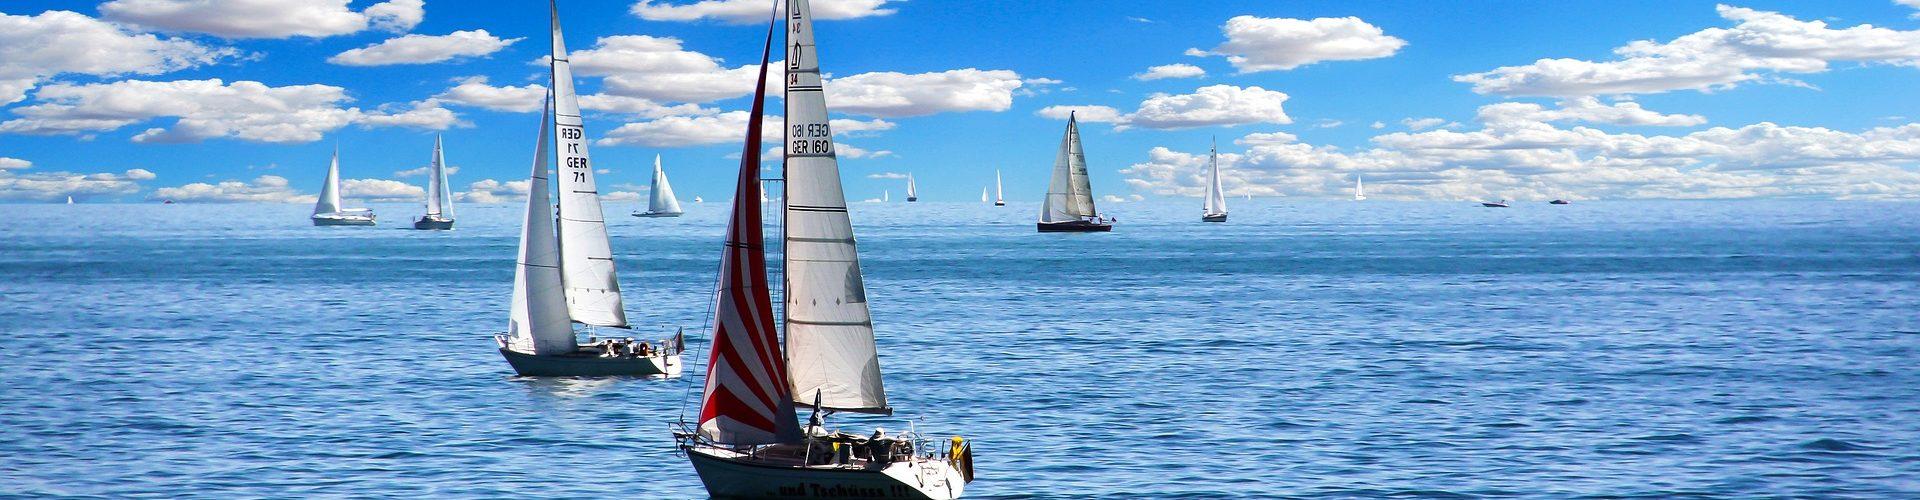 segeln lernen in Uphusum segelschein machen in Uphusum 1920x500 - Segeln lernen in Uphusum